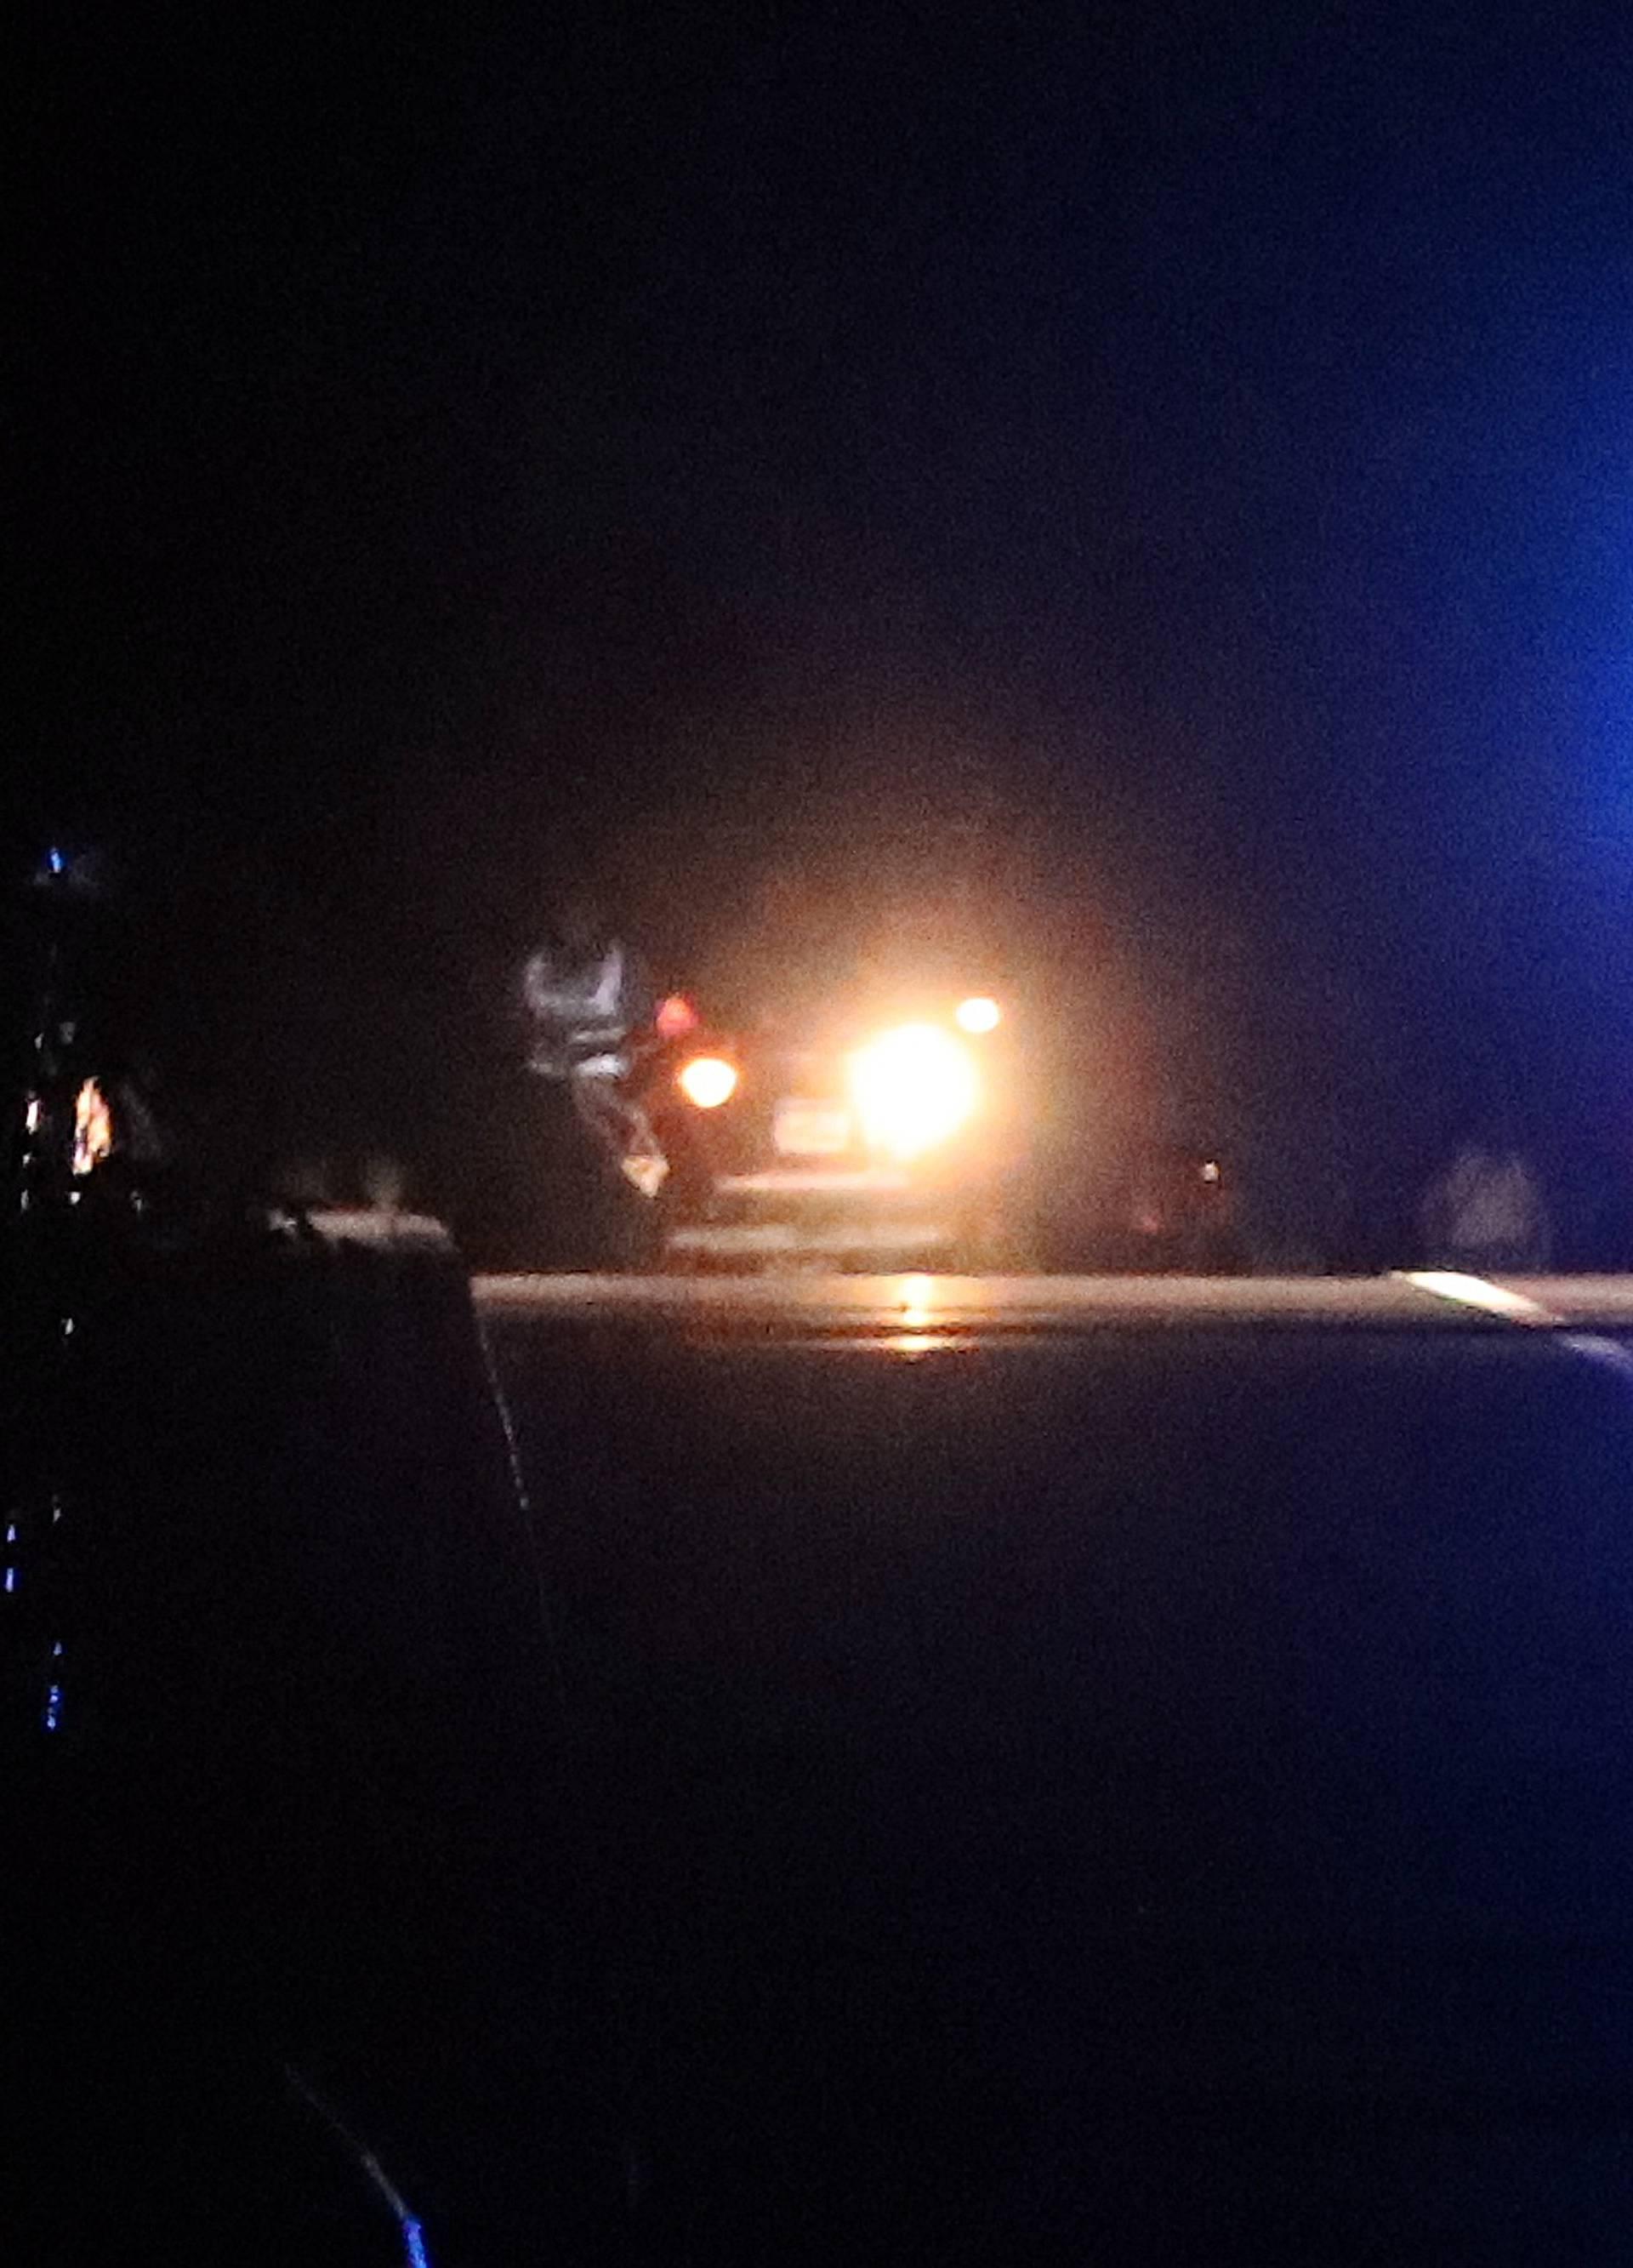 Teška nesreća u Pokupskom: Vozač motora pao i poginuo